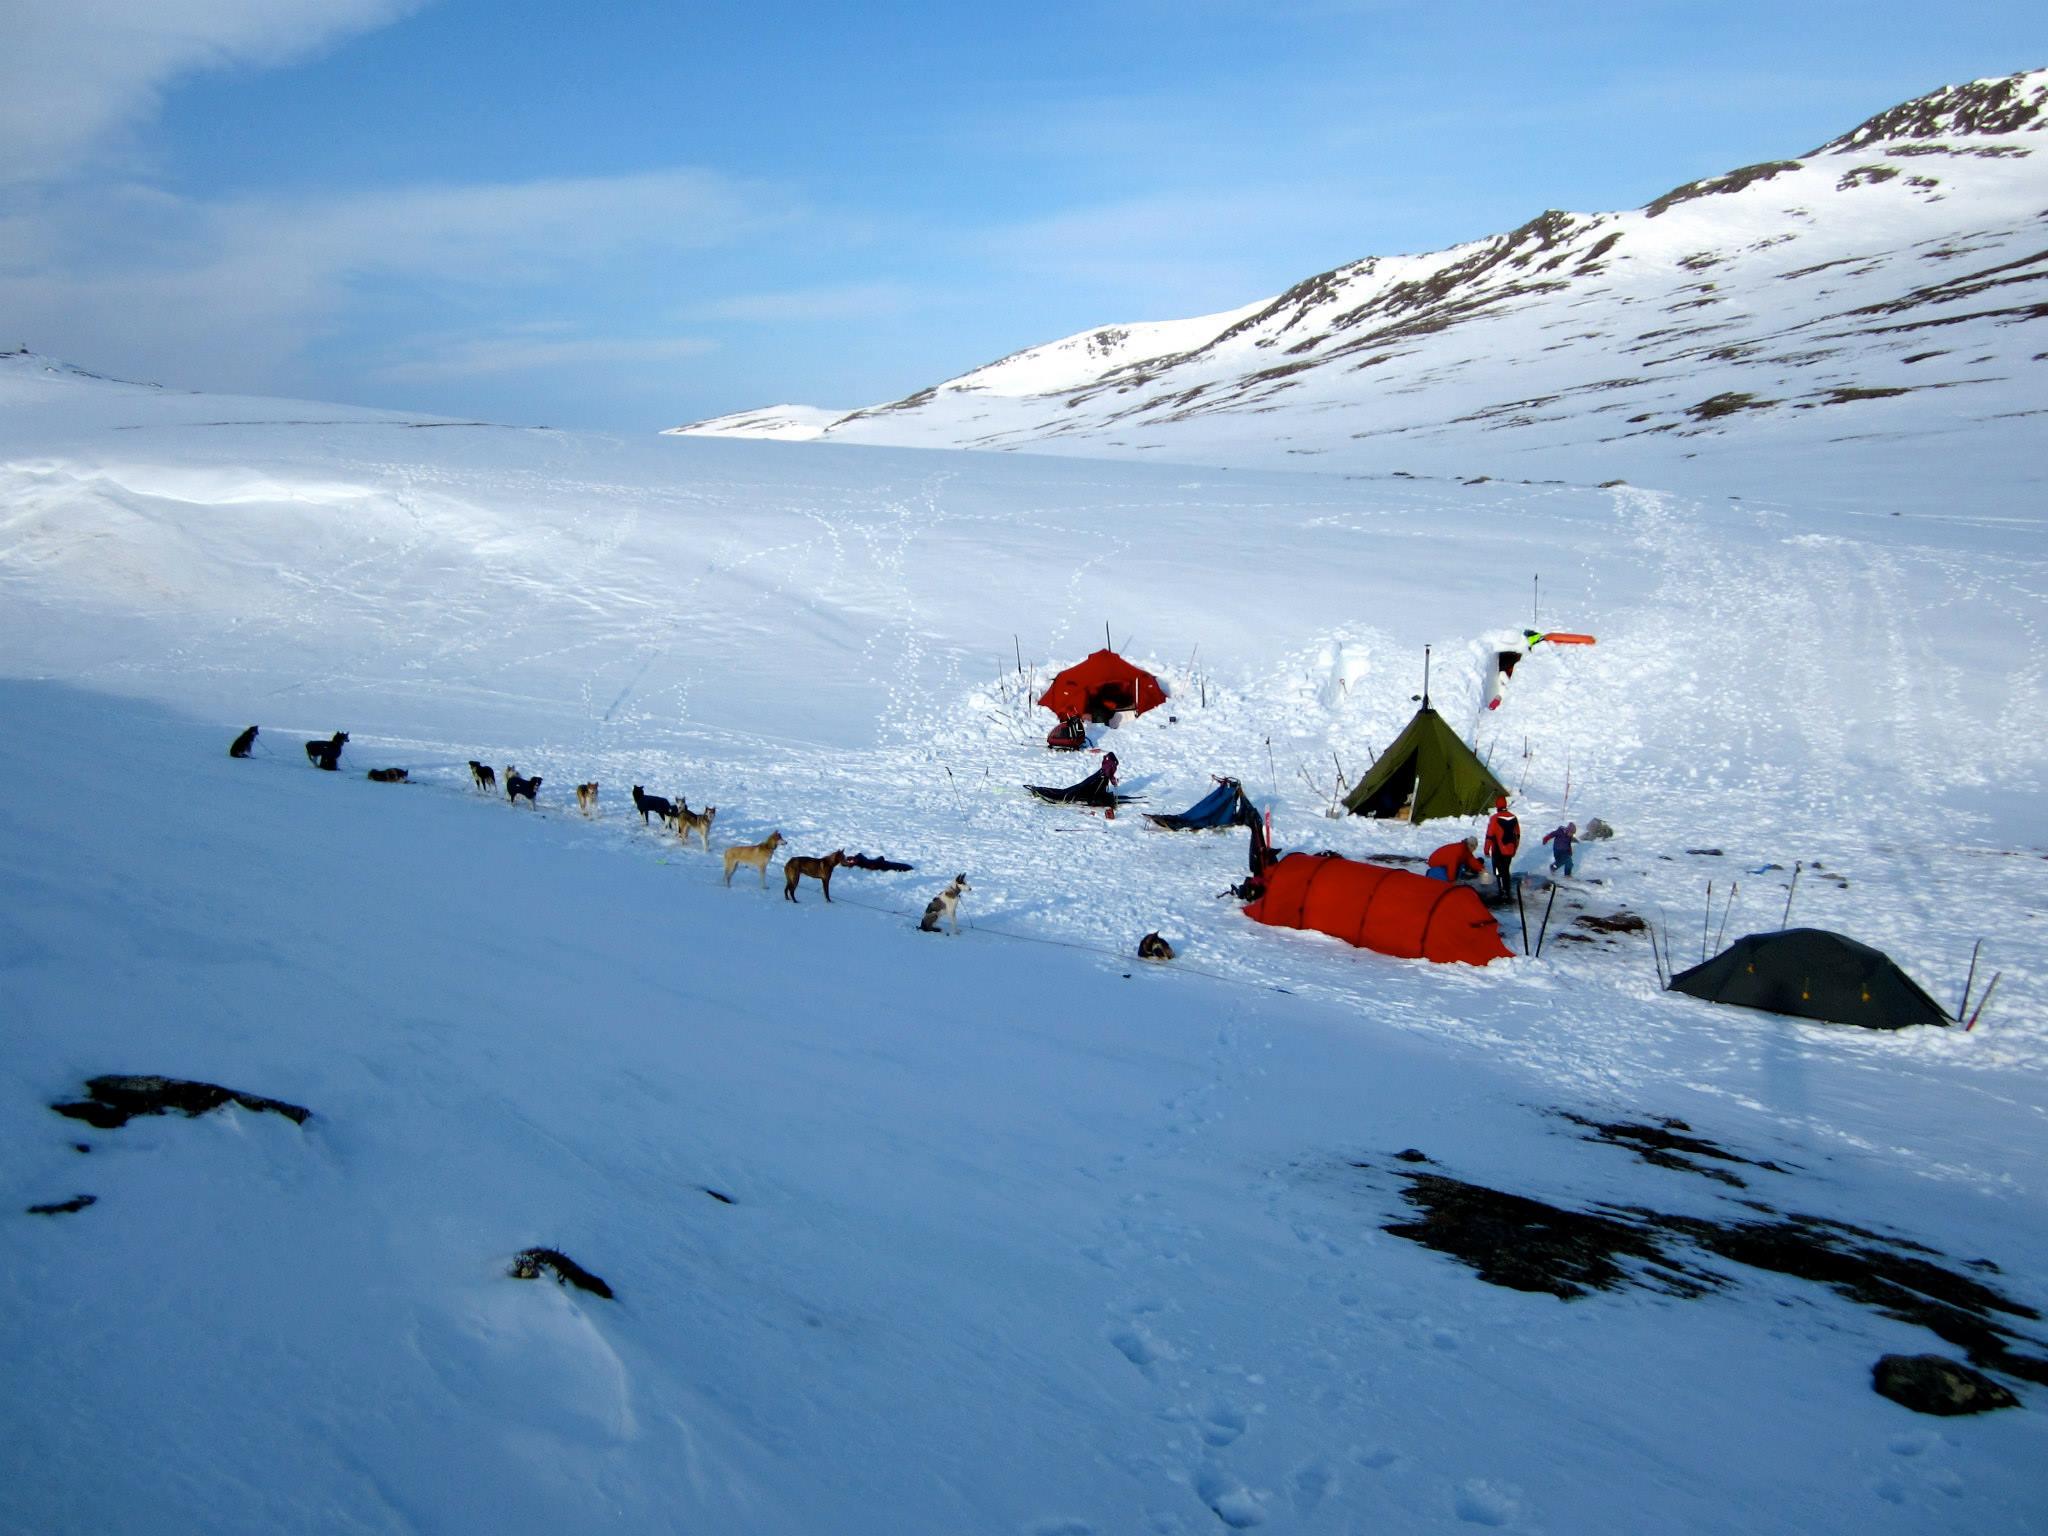 Overnatting i telt på sledetur